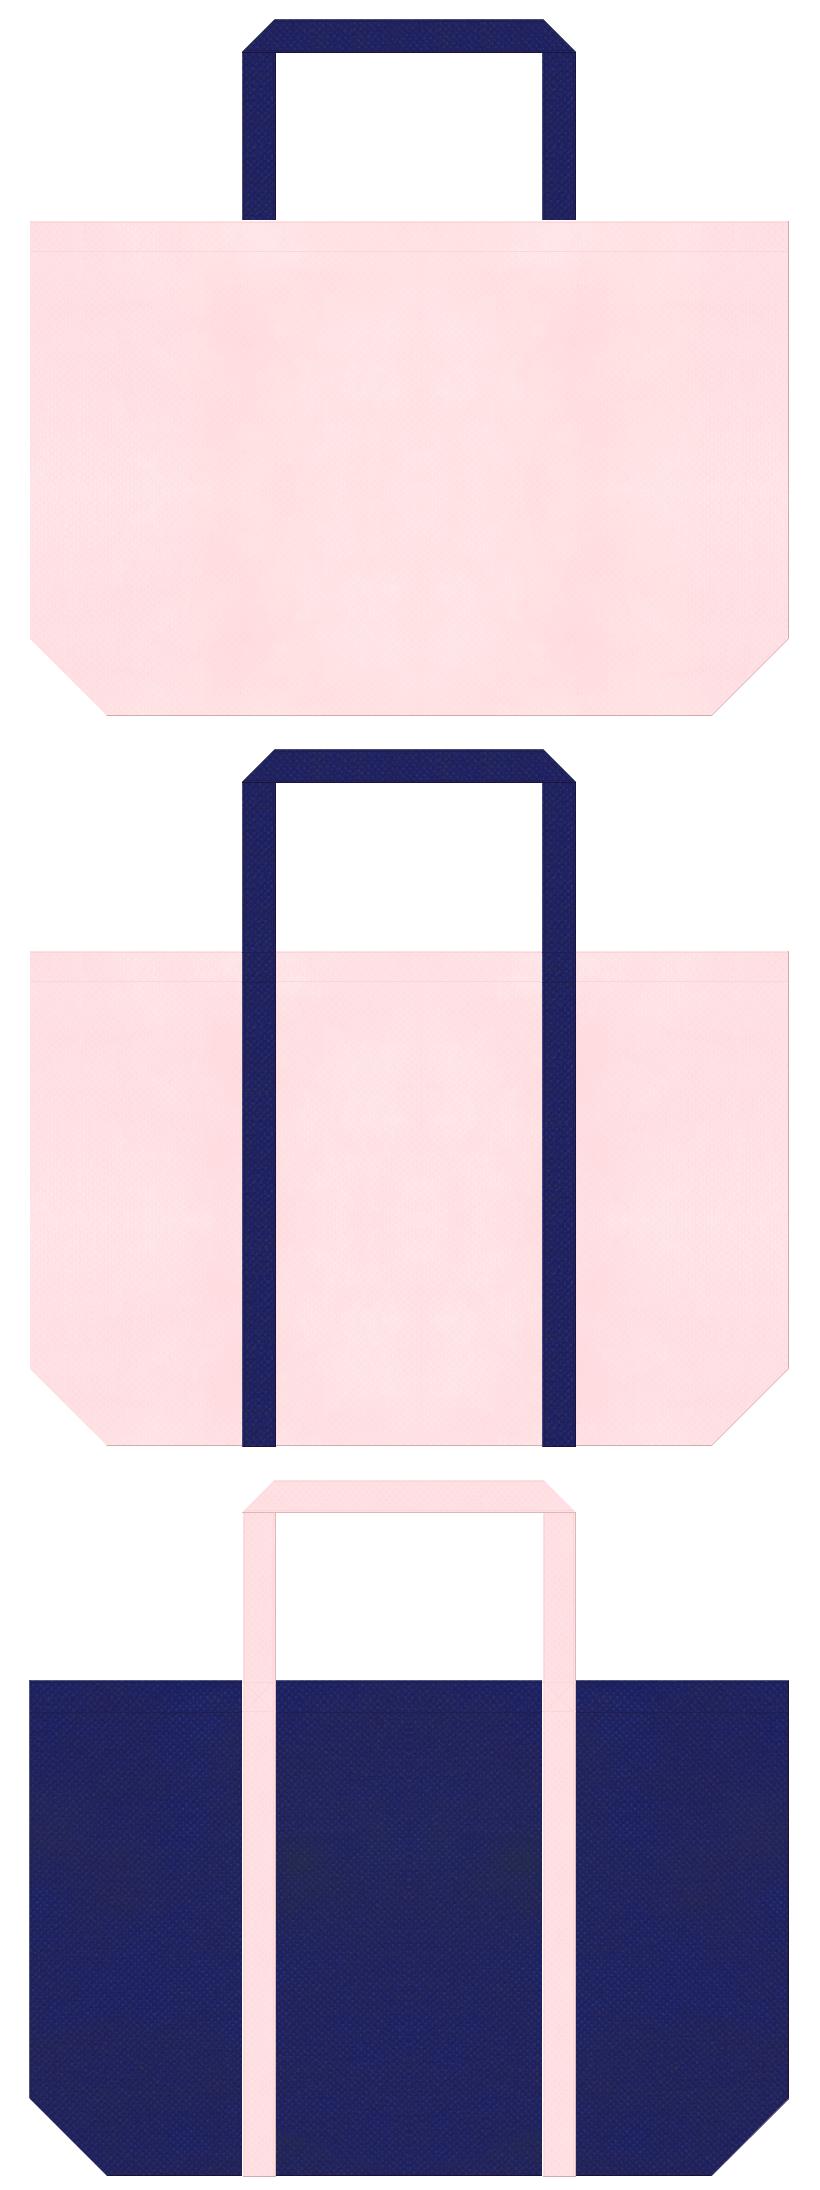 夏浴衣・学校・学園・オープンキャンパス・学習塾・レッスンバッグ・スポーツバッグにお奨めの不織布バッグデザイン:桜色と明るい紺色のコーデ